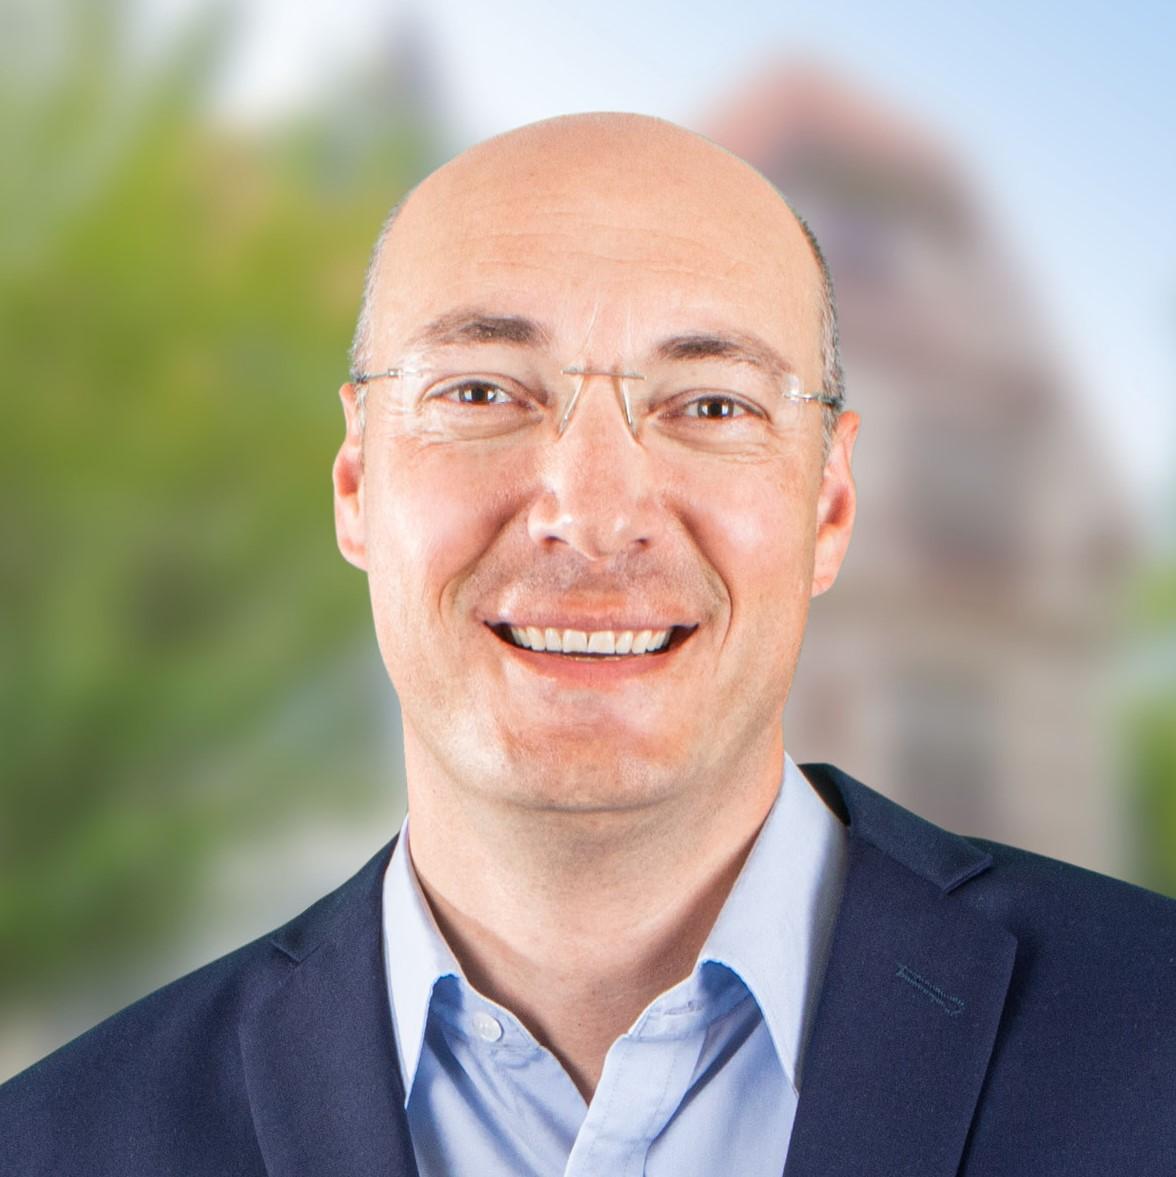 Abbildung von <h1>Dr. Timo Czech</h1>